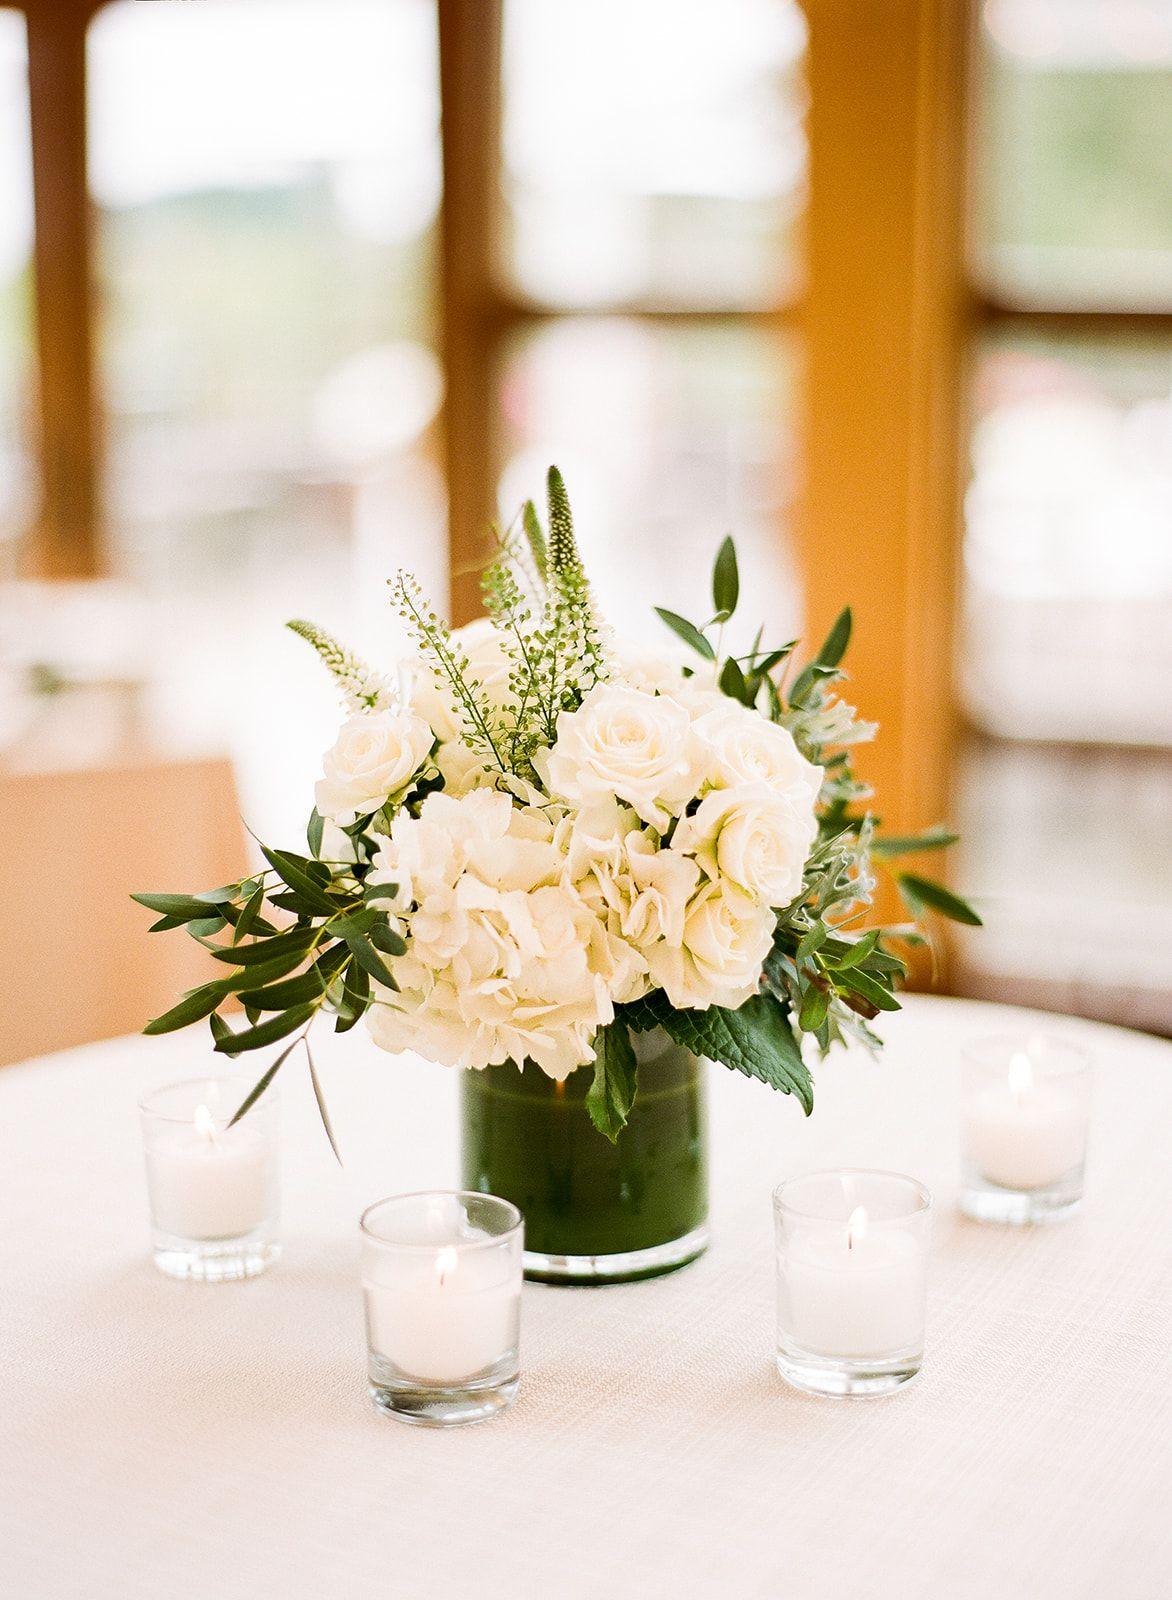 table cocktail floral centerpieces simple flowers flower fleurs elegant event visit centerpiece florist pieces france centre